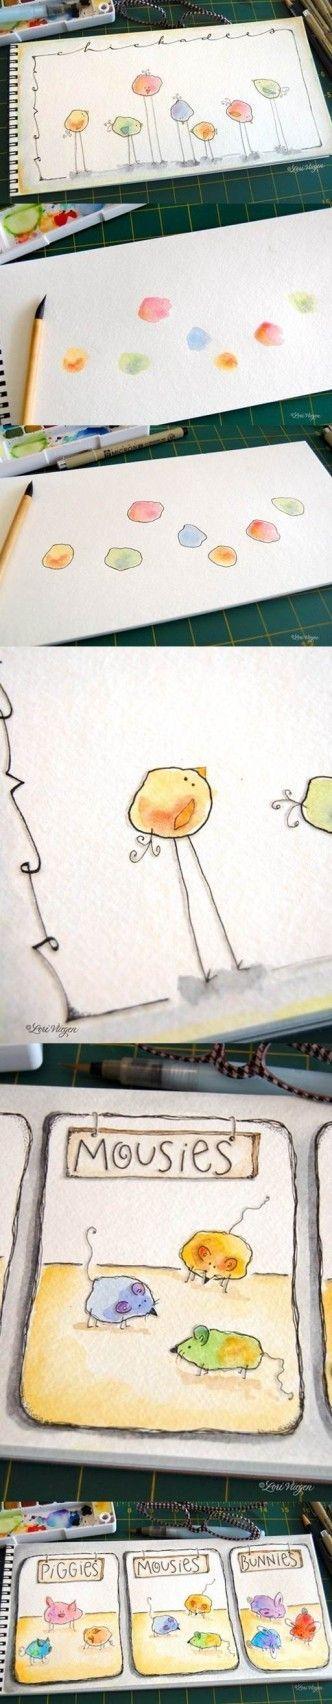 Creative Ways to Draw Funny Birds 2